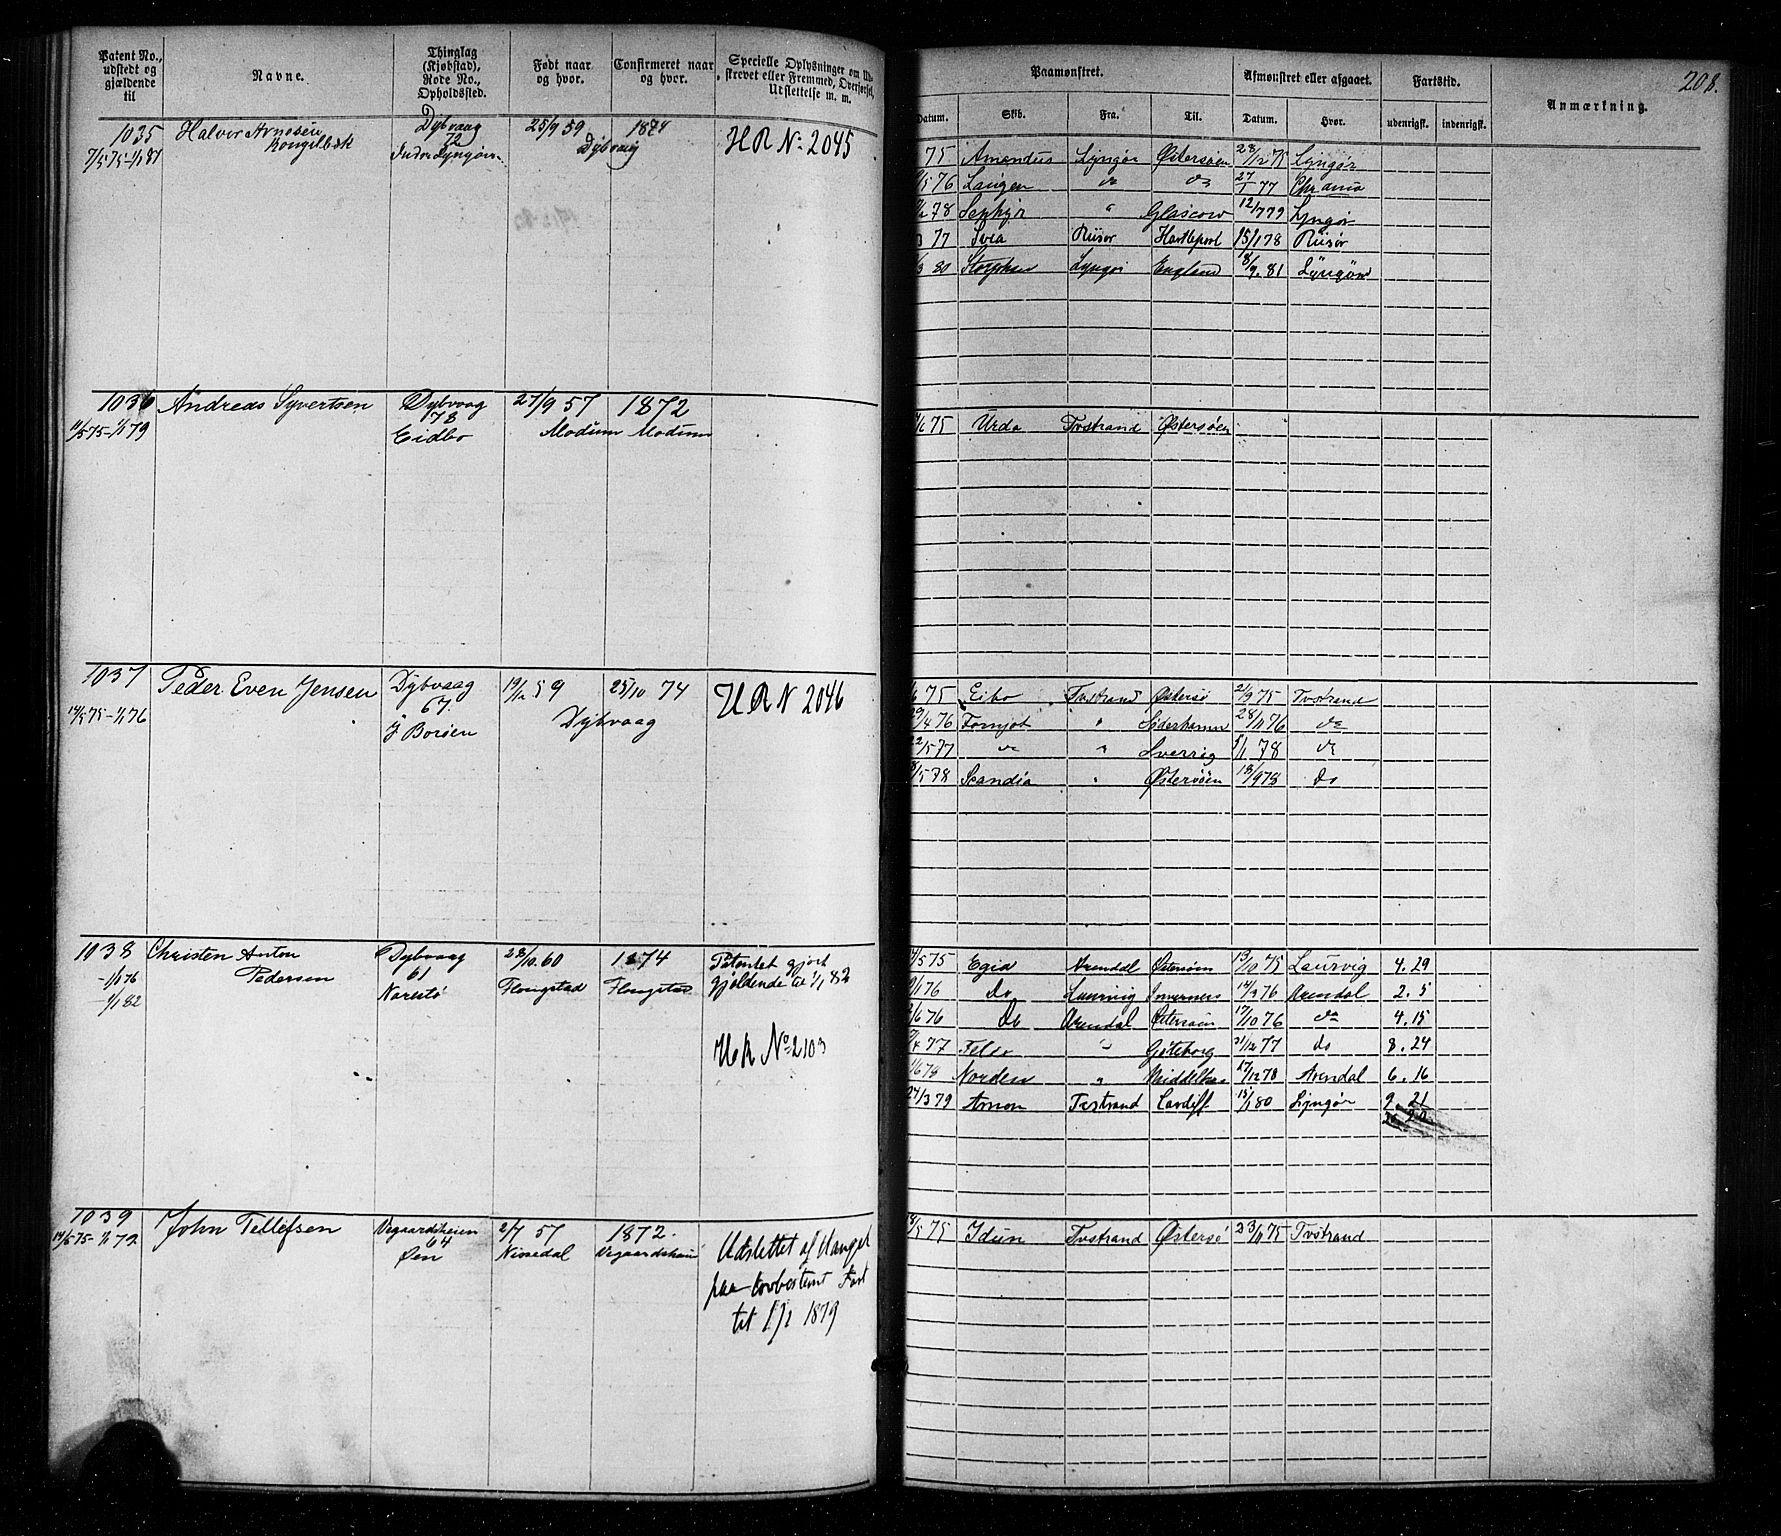 SAK, Tvedestrand mønstringskrets, F/Fa/L0003: Annotasjonsrulle nr 1-1905 med register, U-25, 1866-1886, s. 231